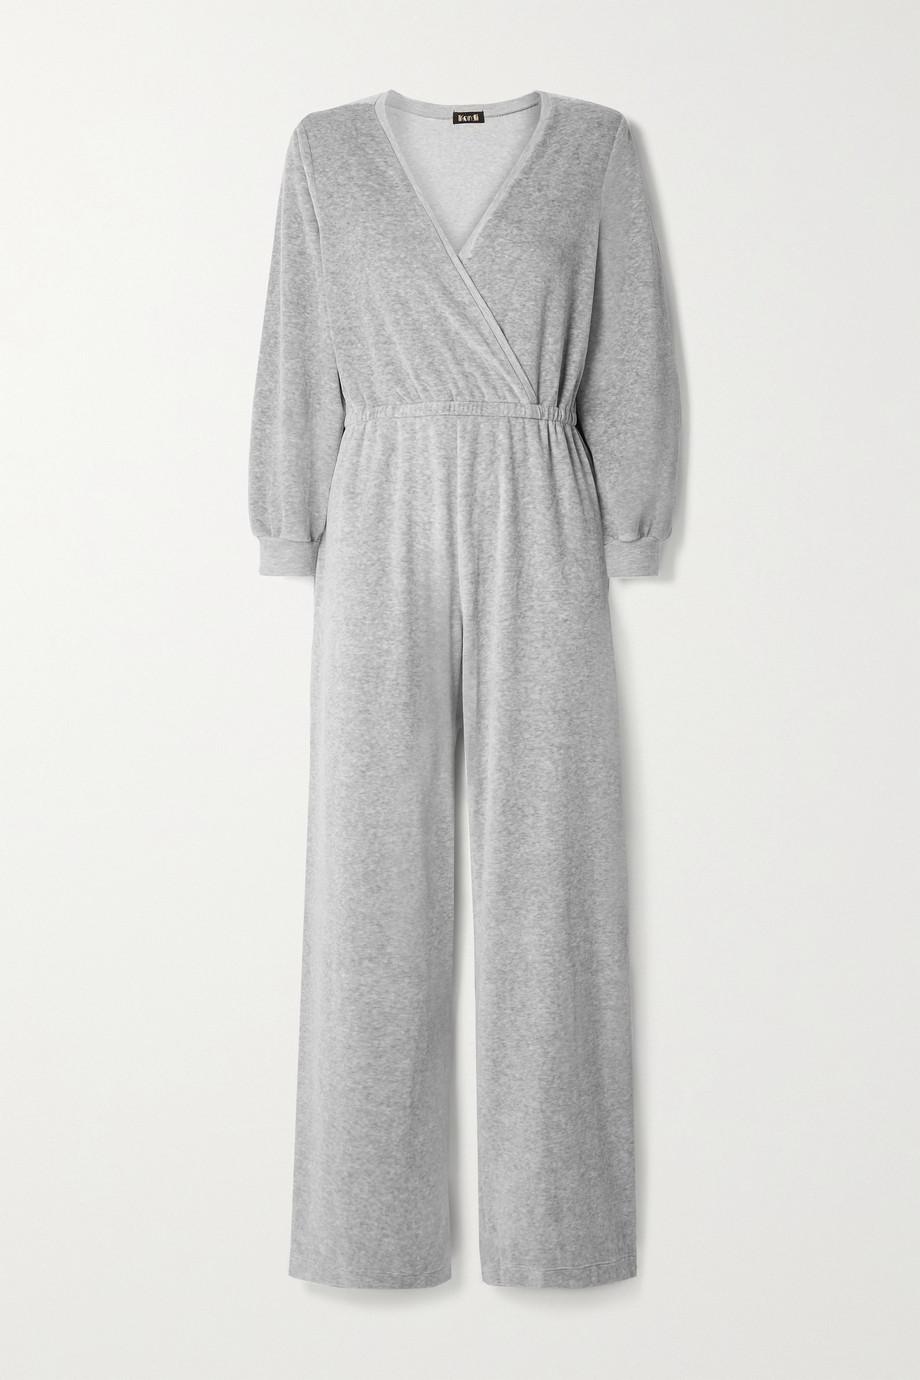 Suzie Kondi Combi-pantalon effet cache-cœur en velours de coton mélangé